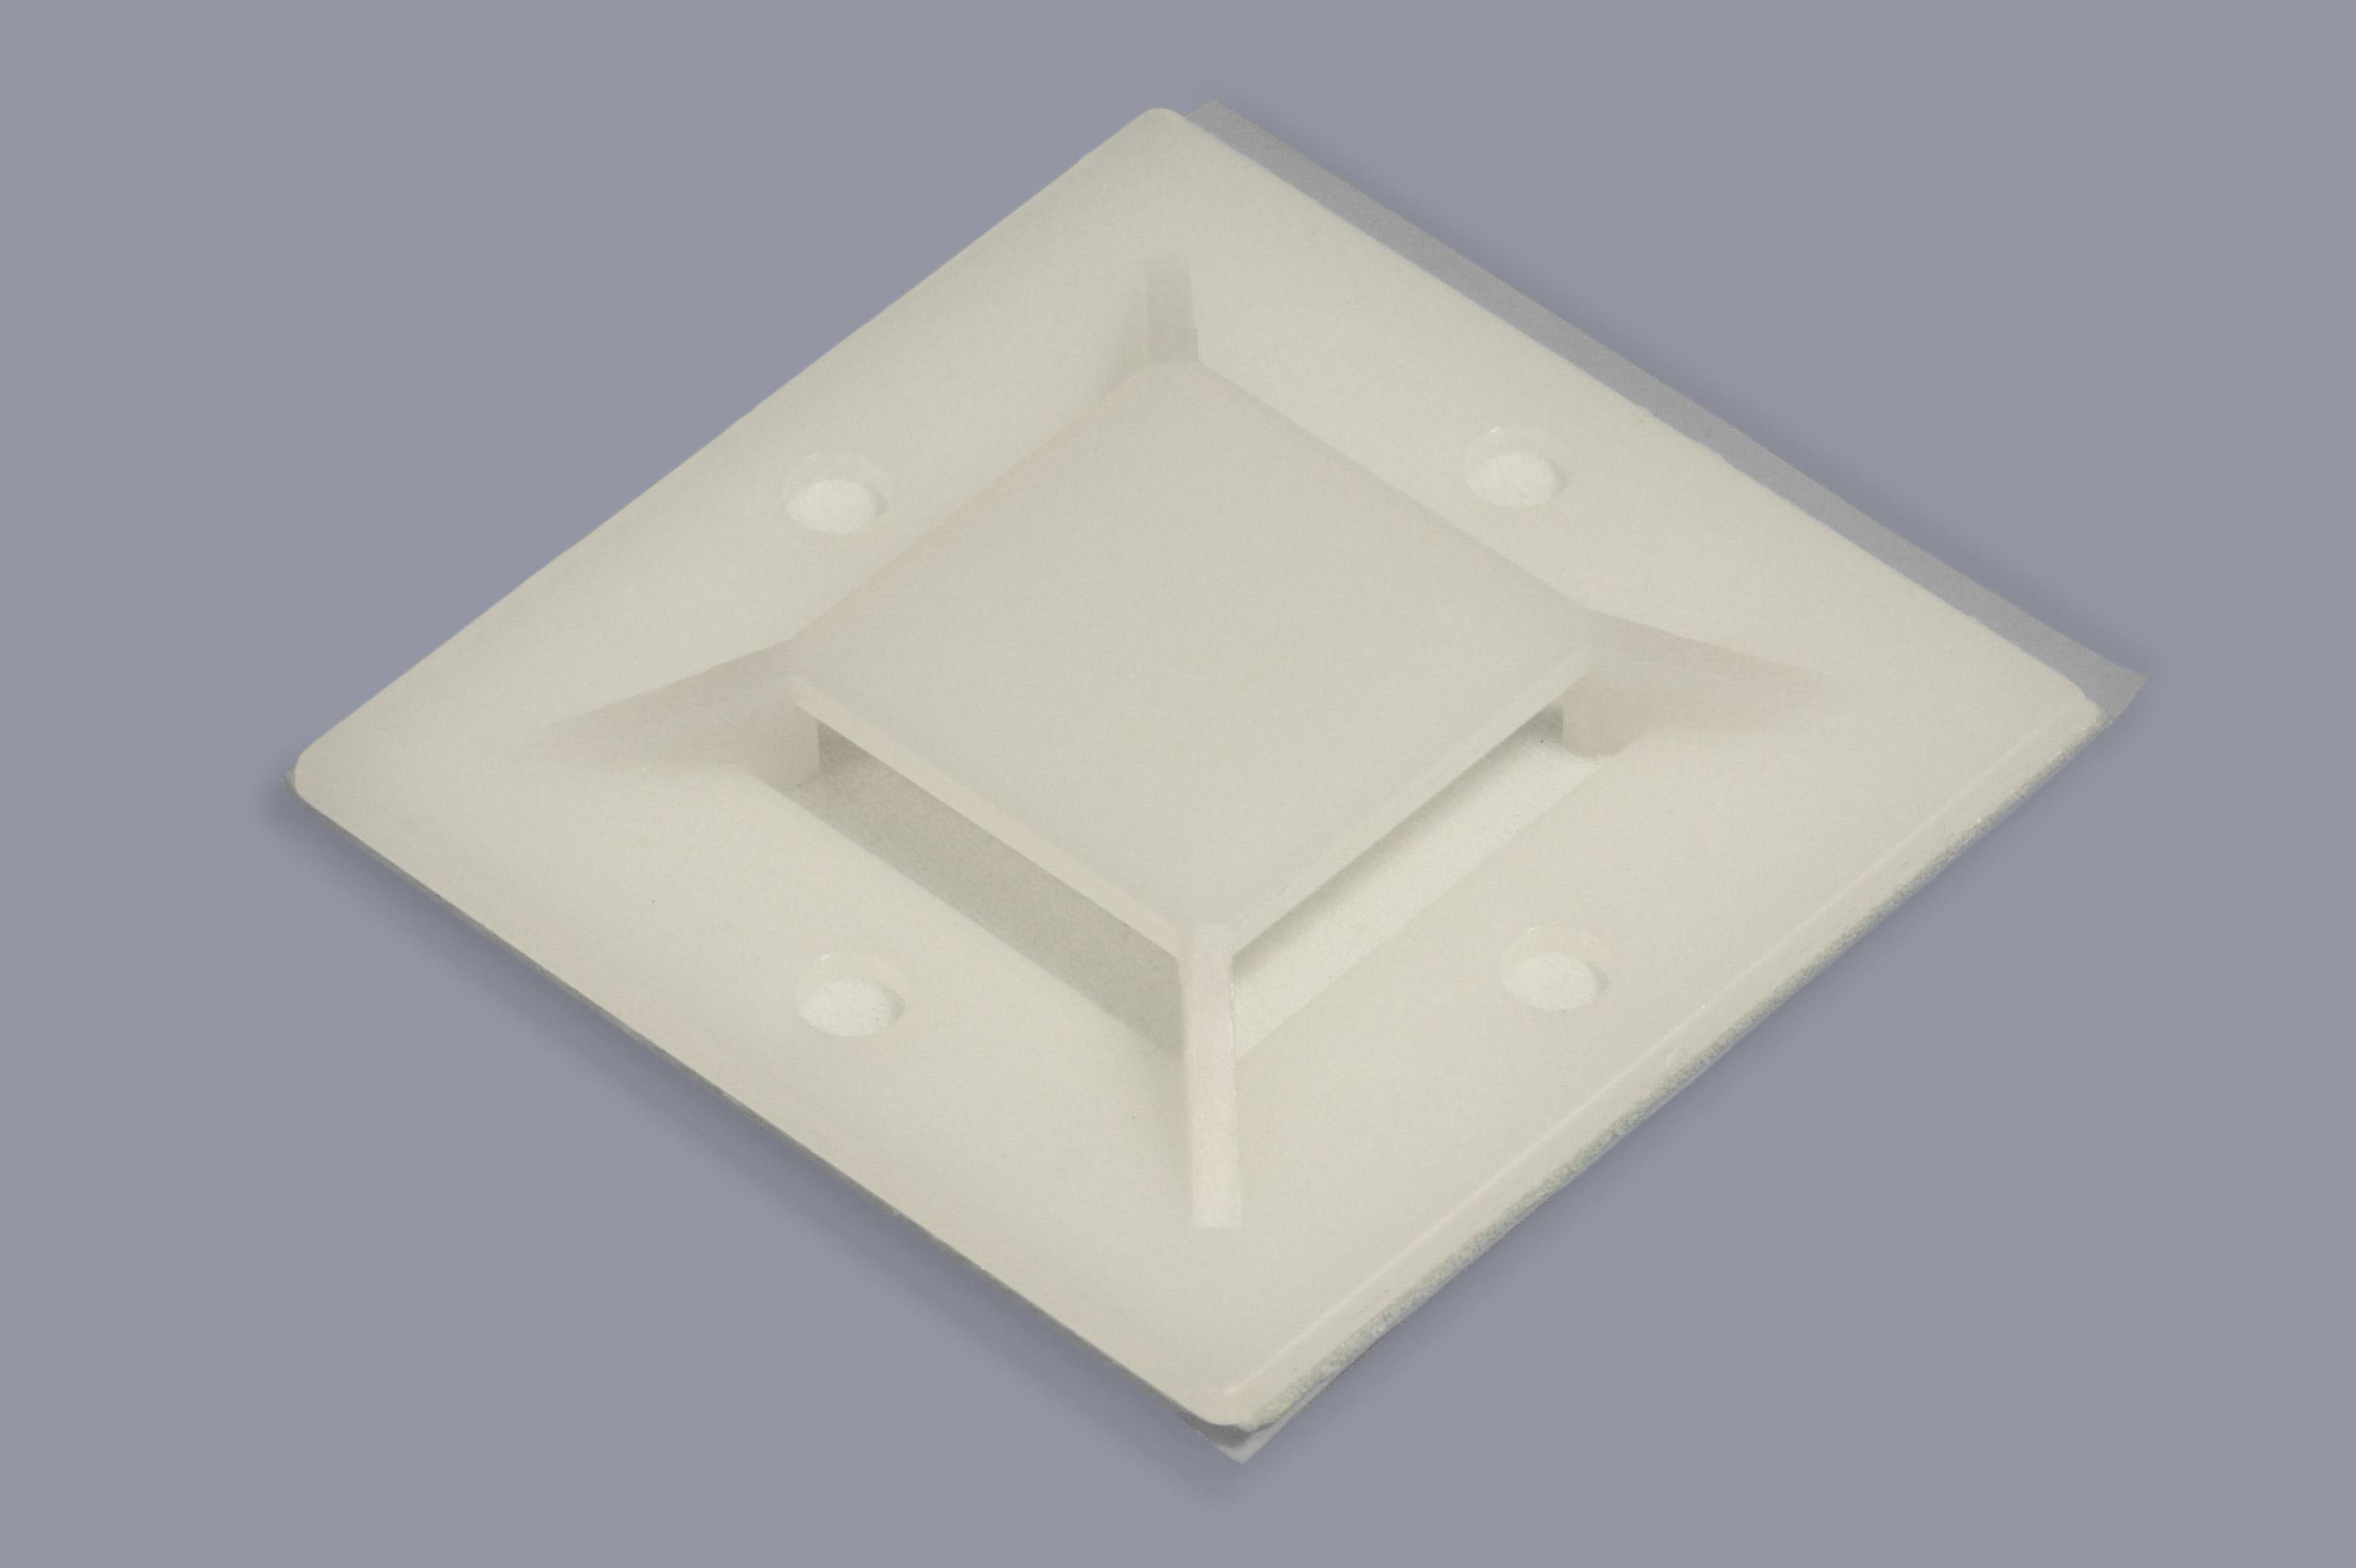 klettband montagesockel kabelbinderhalter a r t elektromechanik. Black Bedroom Furniture Sets. Home Design Ideas